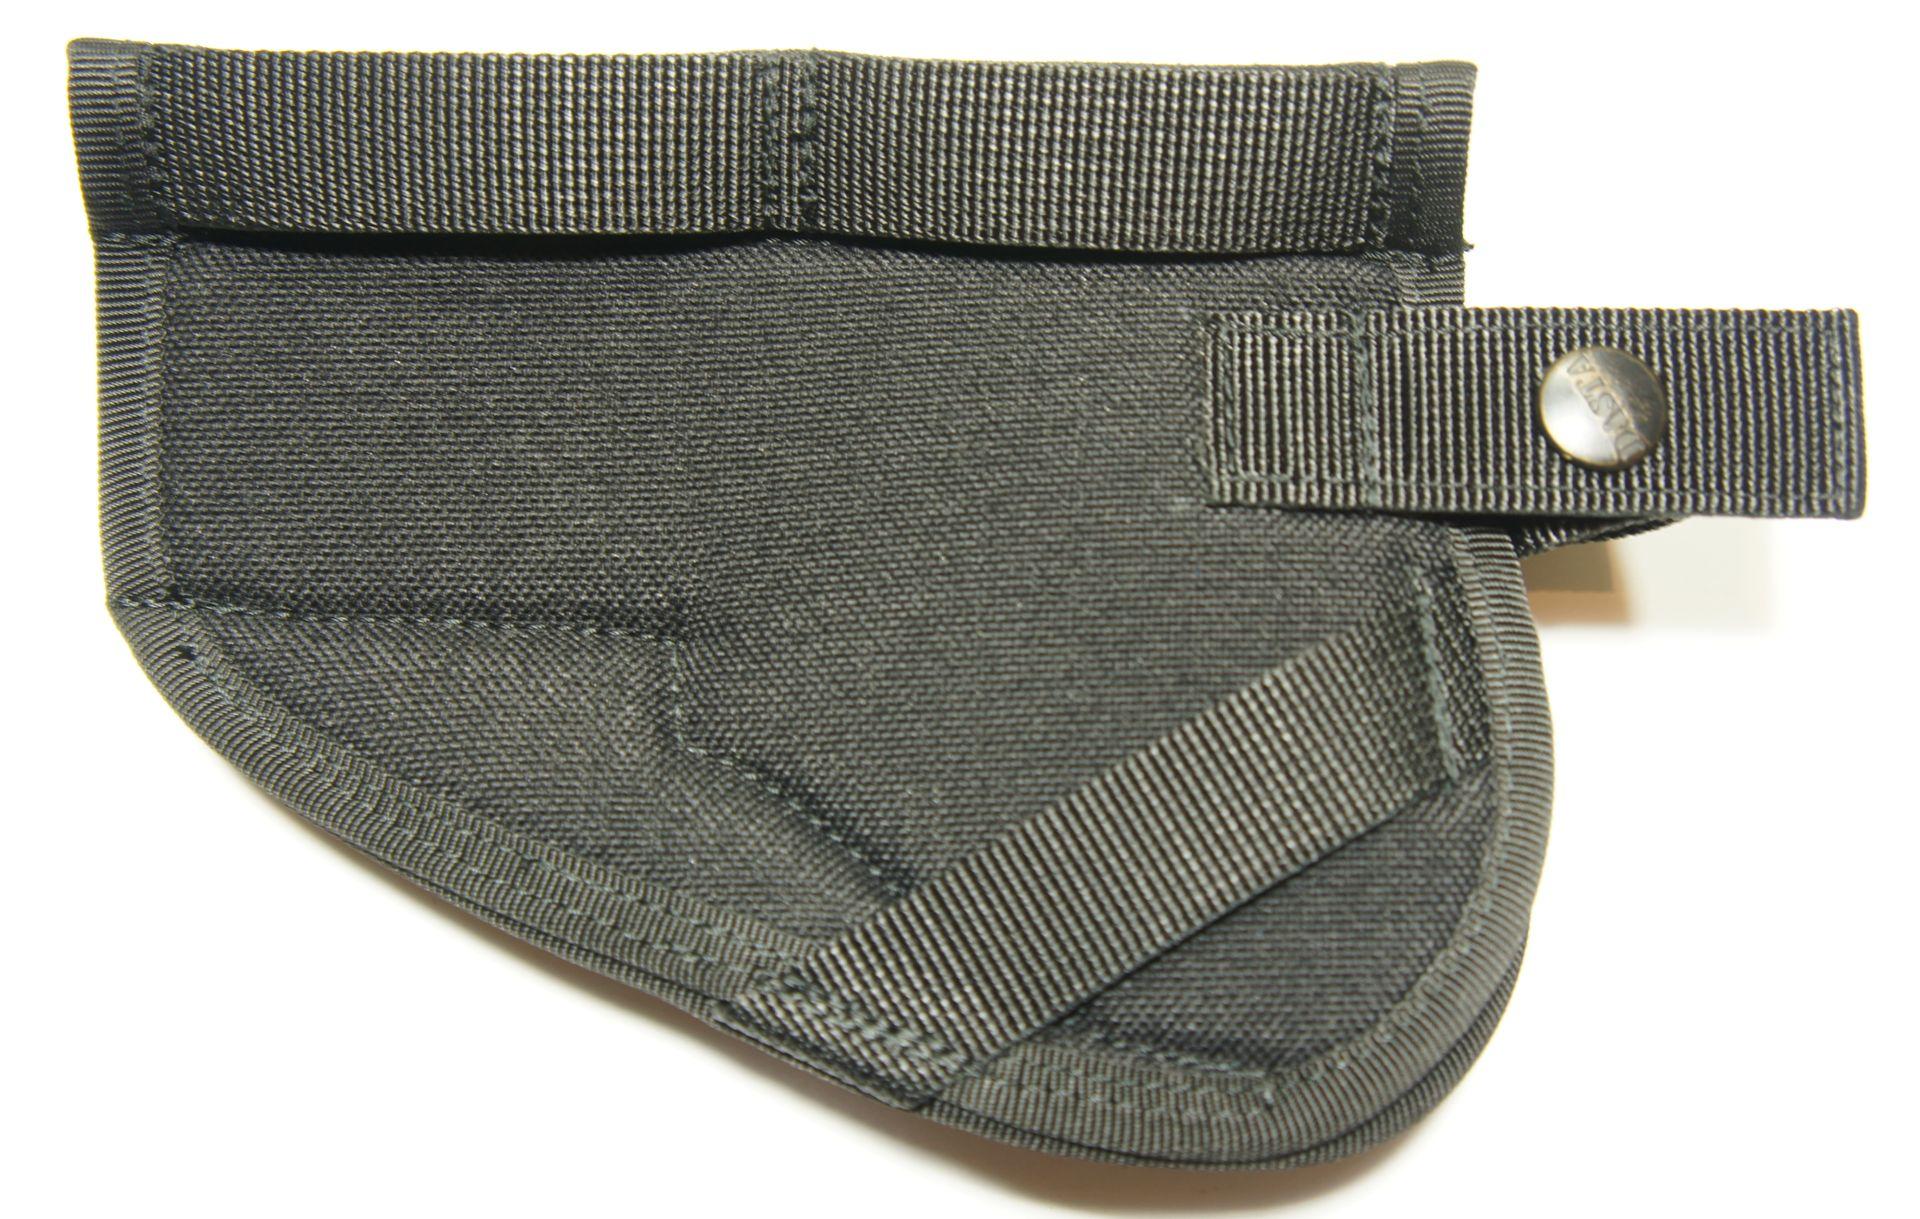 Gürtelholster für Revolver bis 3 Lauflänge / Außenseite